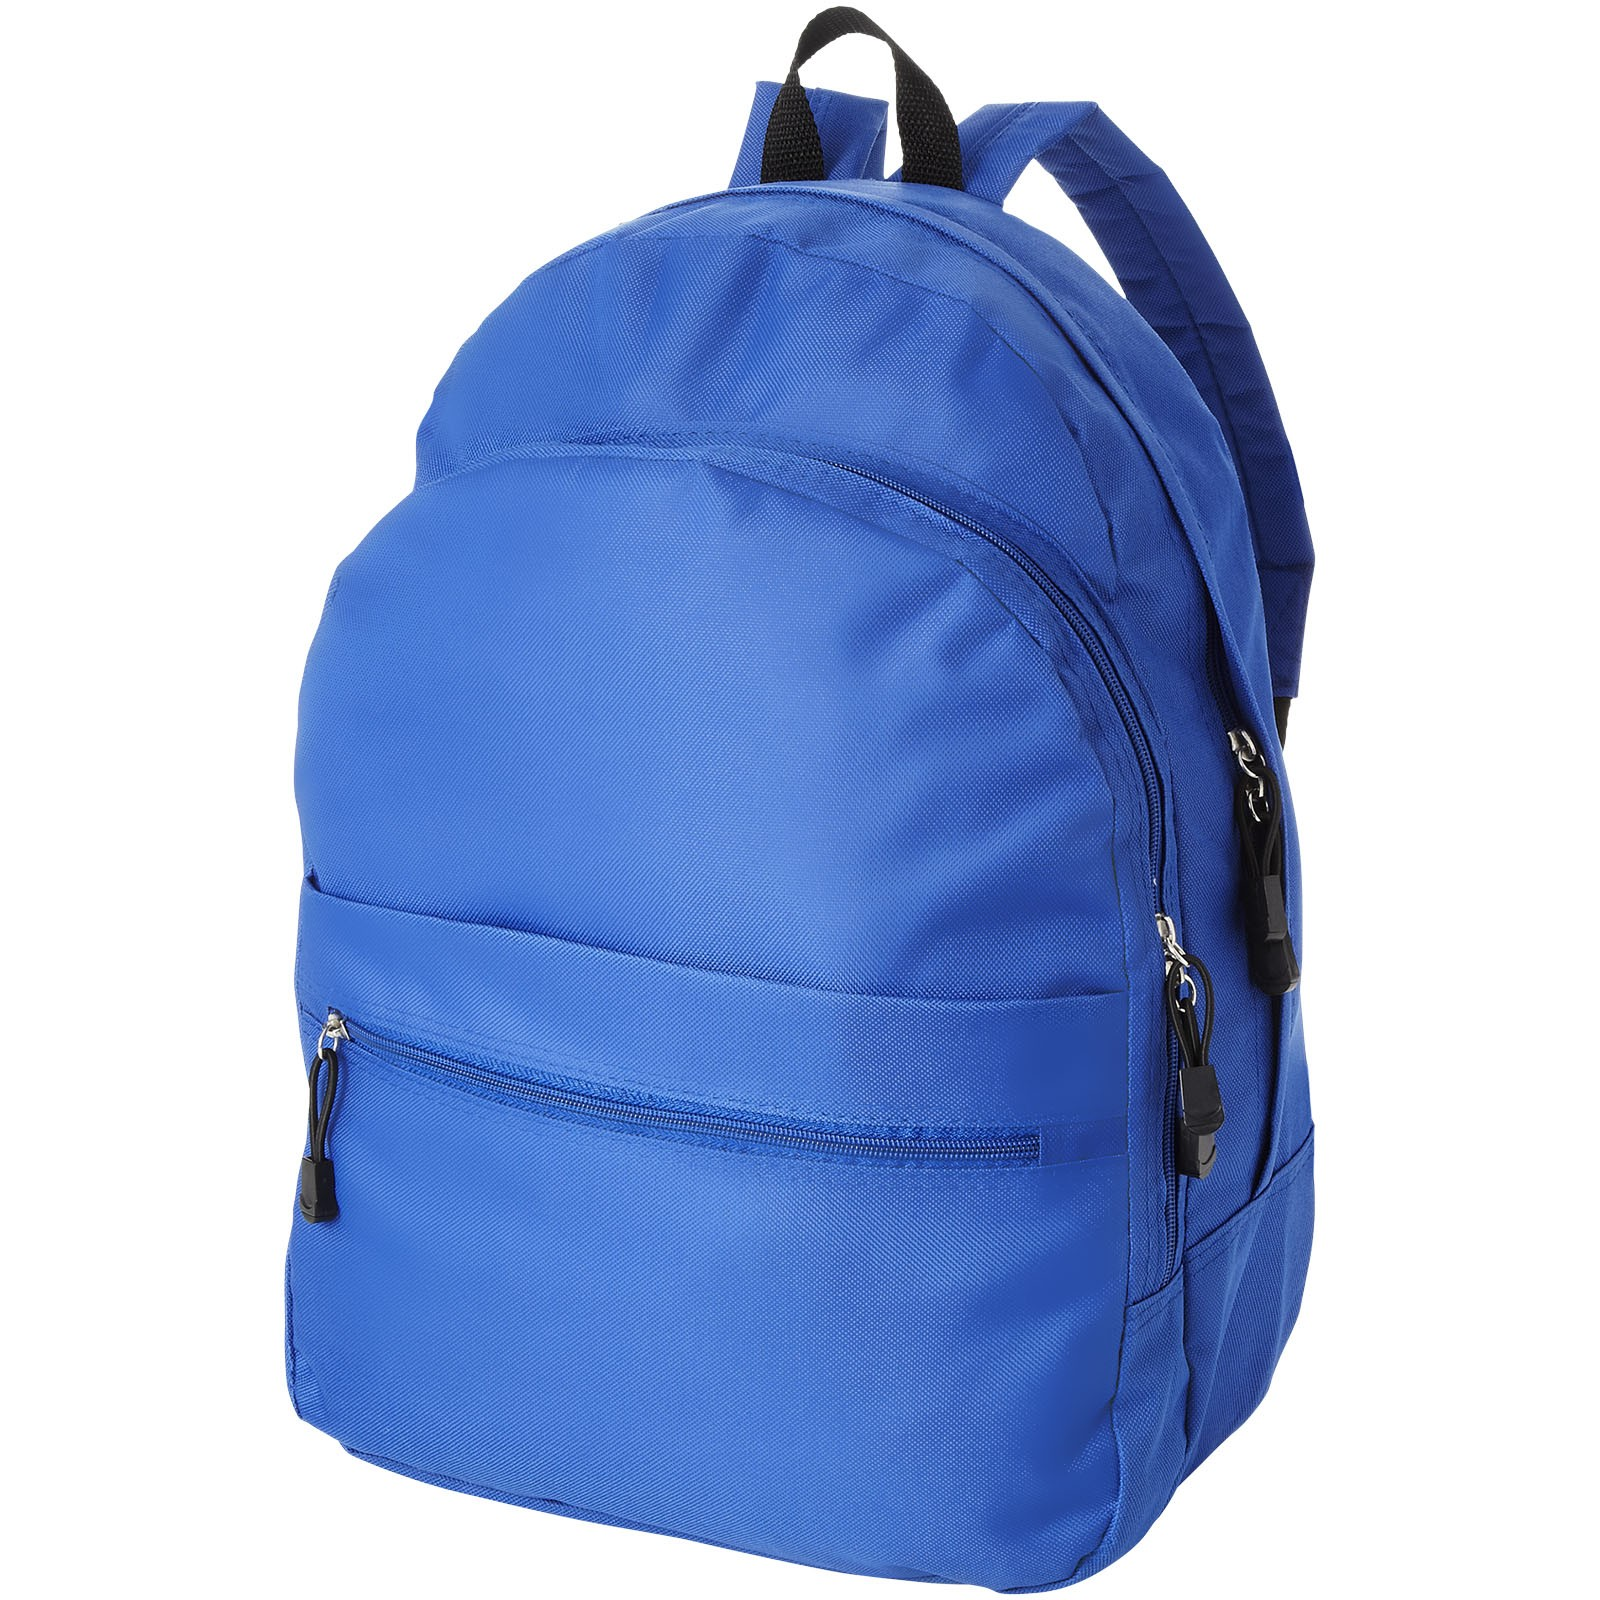 Batoh Trend - Světle modrá